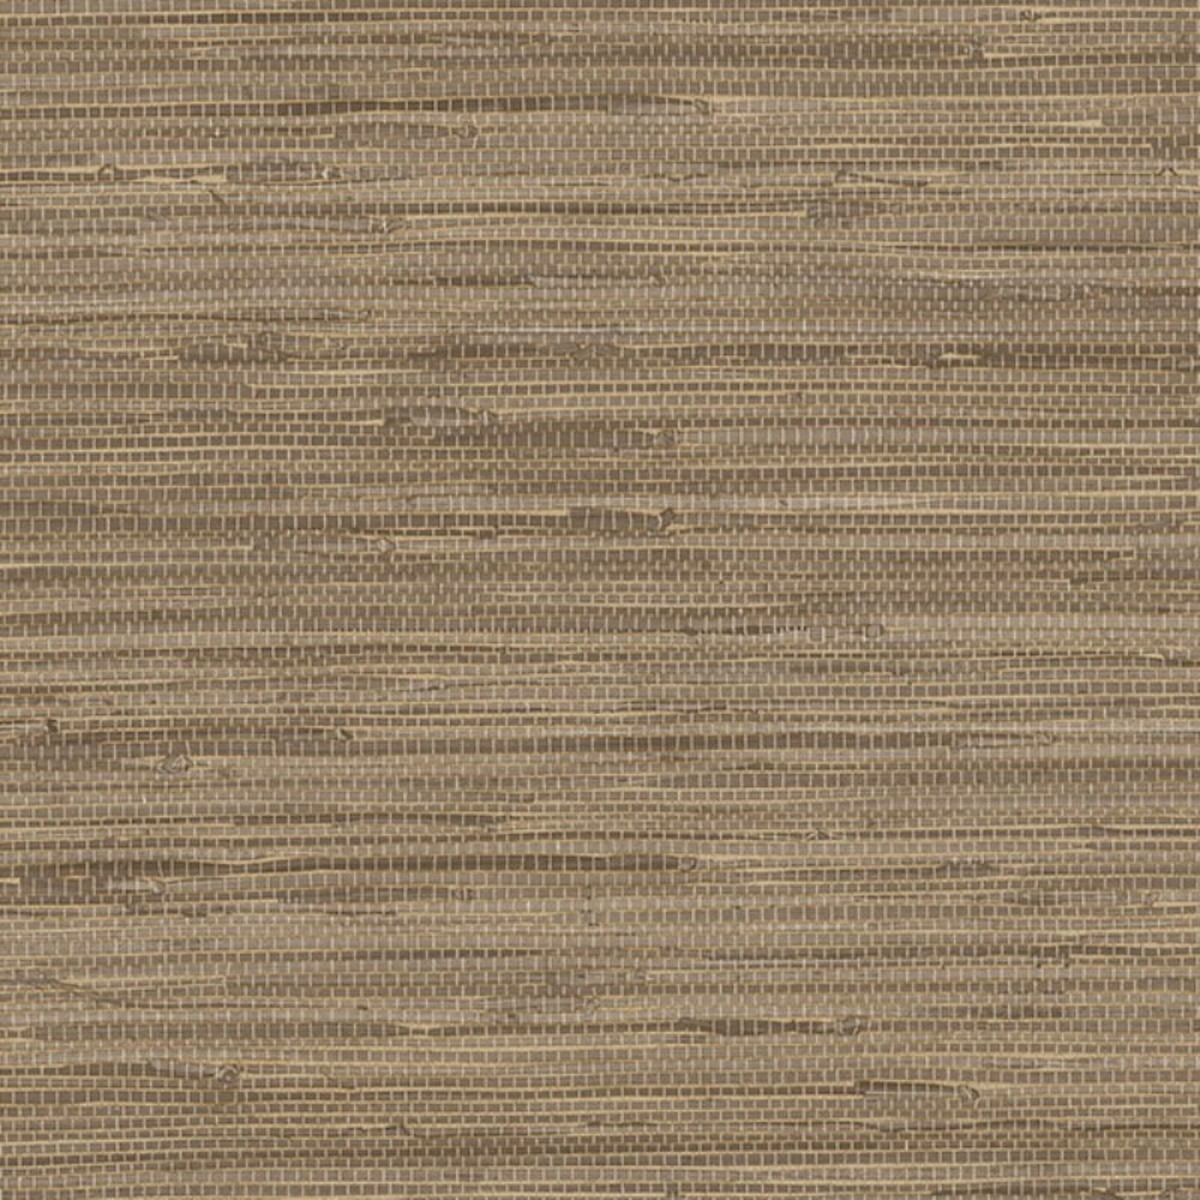 Виниловые обои Aura коричневые NT33709 0.53 м